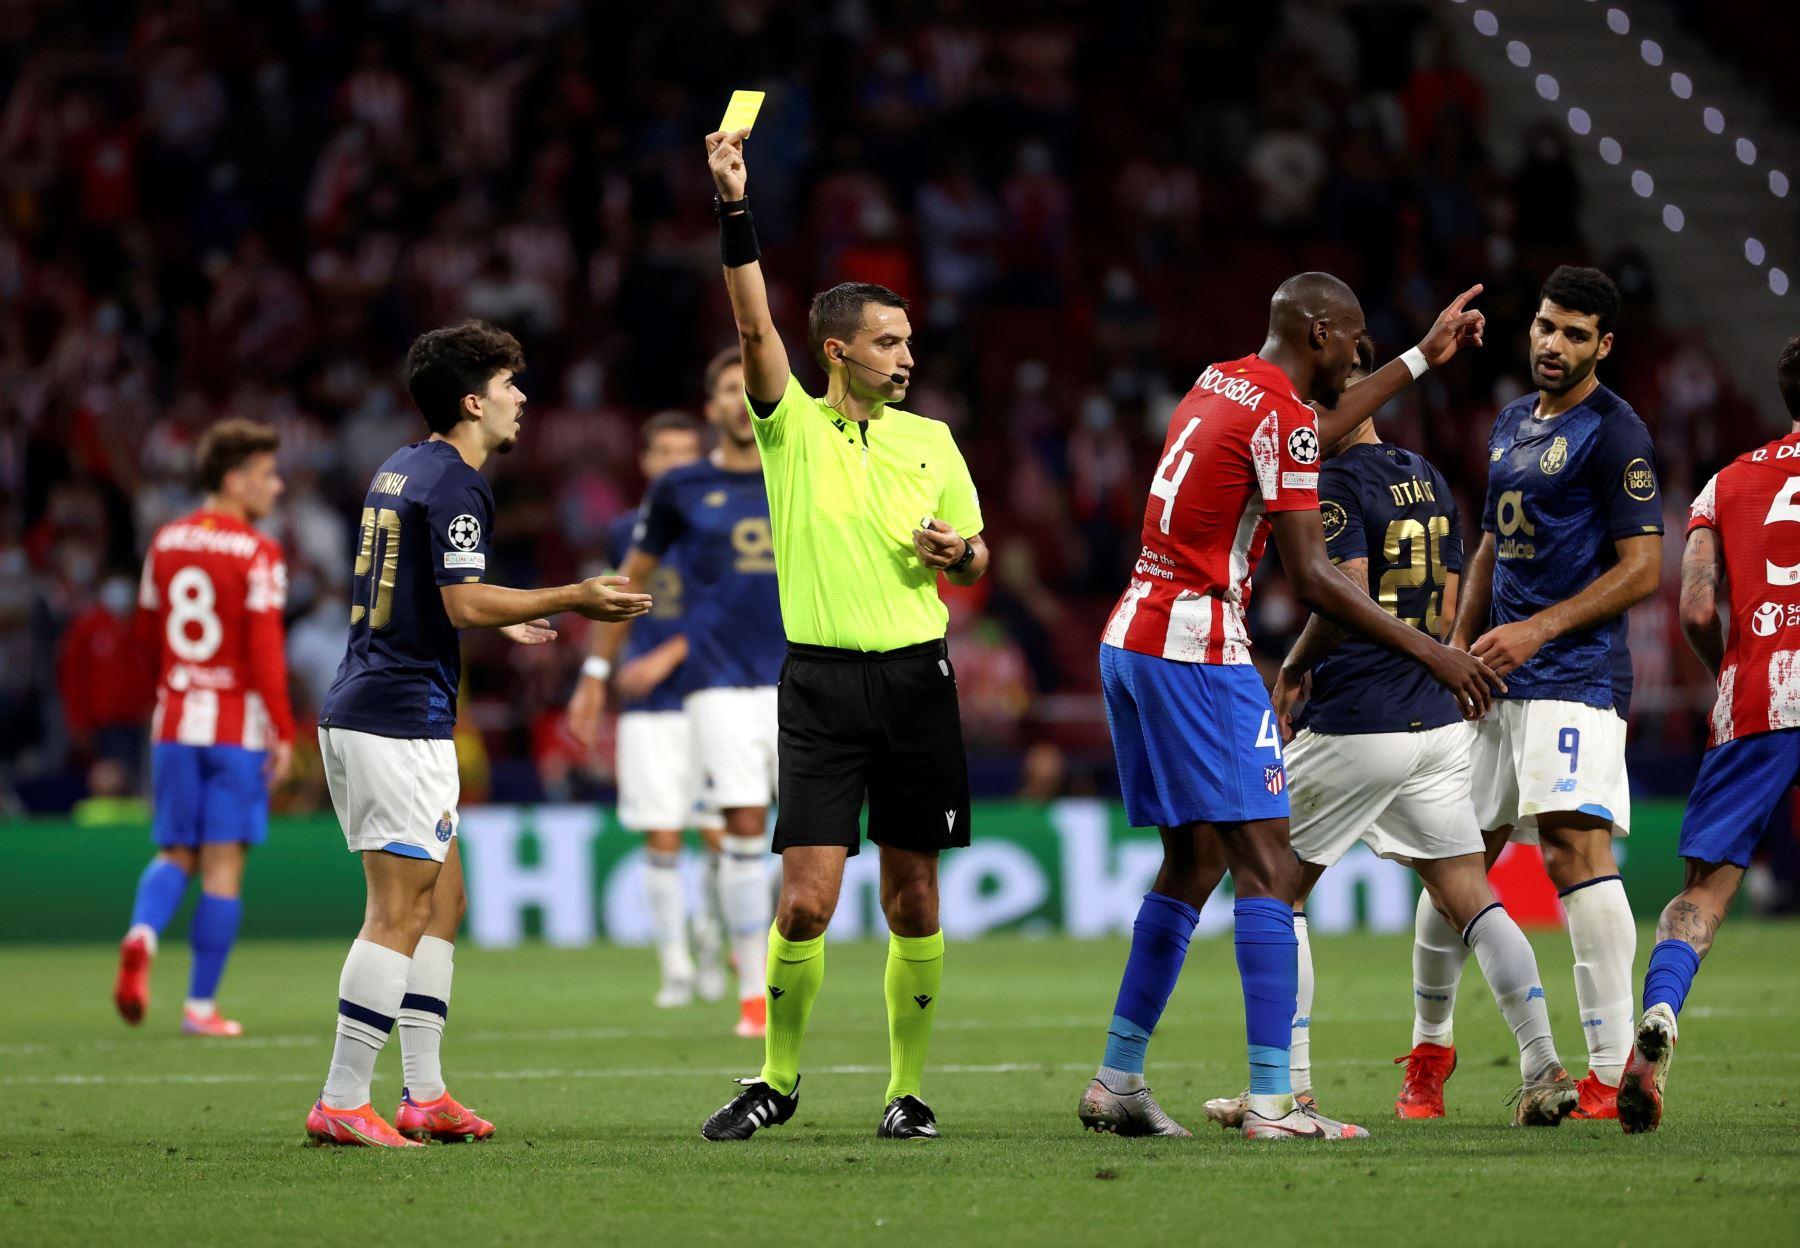 El árbitro Ovidiu Hategan muestra tarjeta amarilla a Vitor Ferreira, del Oporto, durante el partido de la primera jornada. EFE/Juanjo Martín